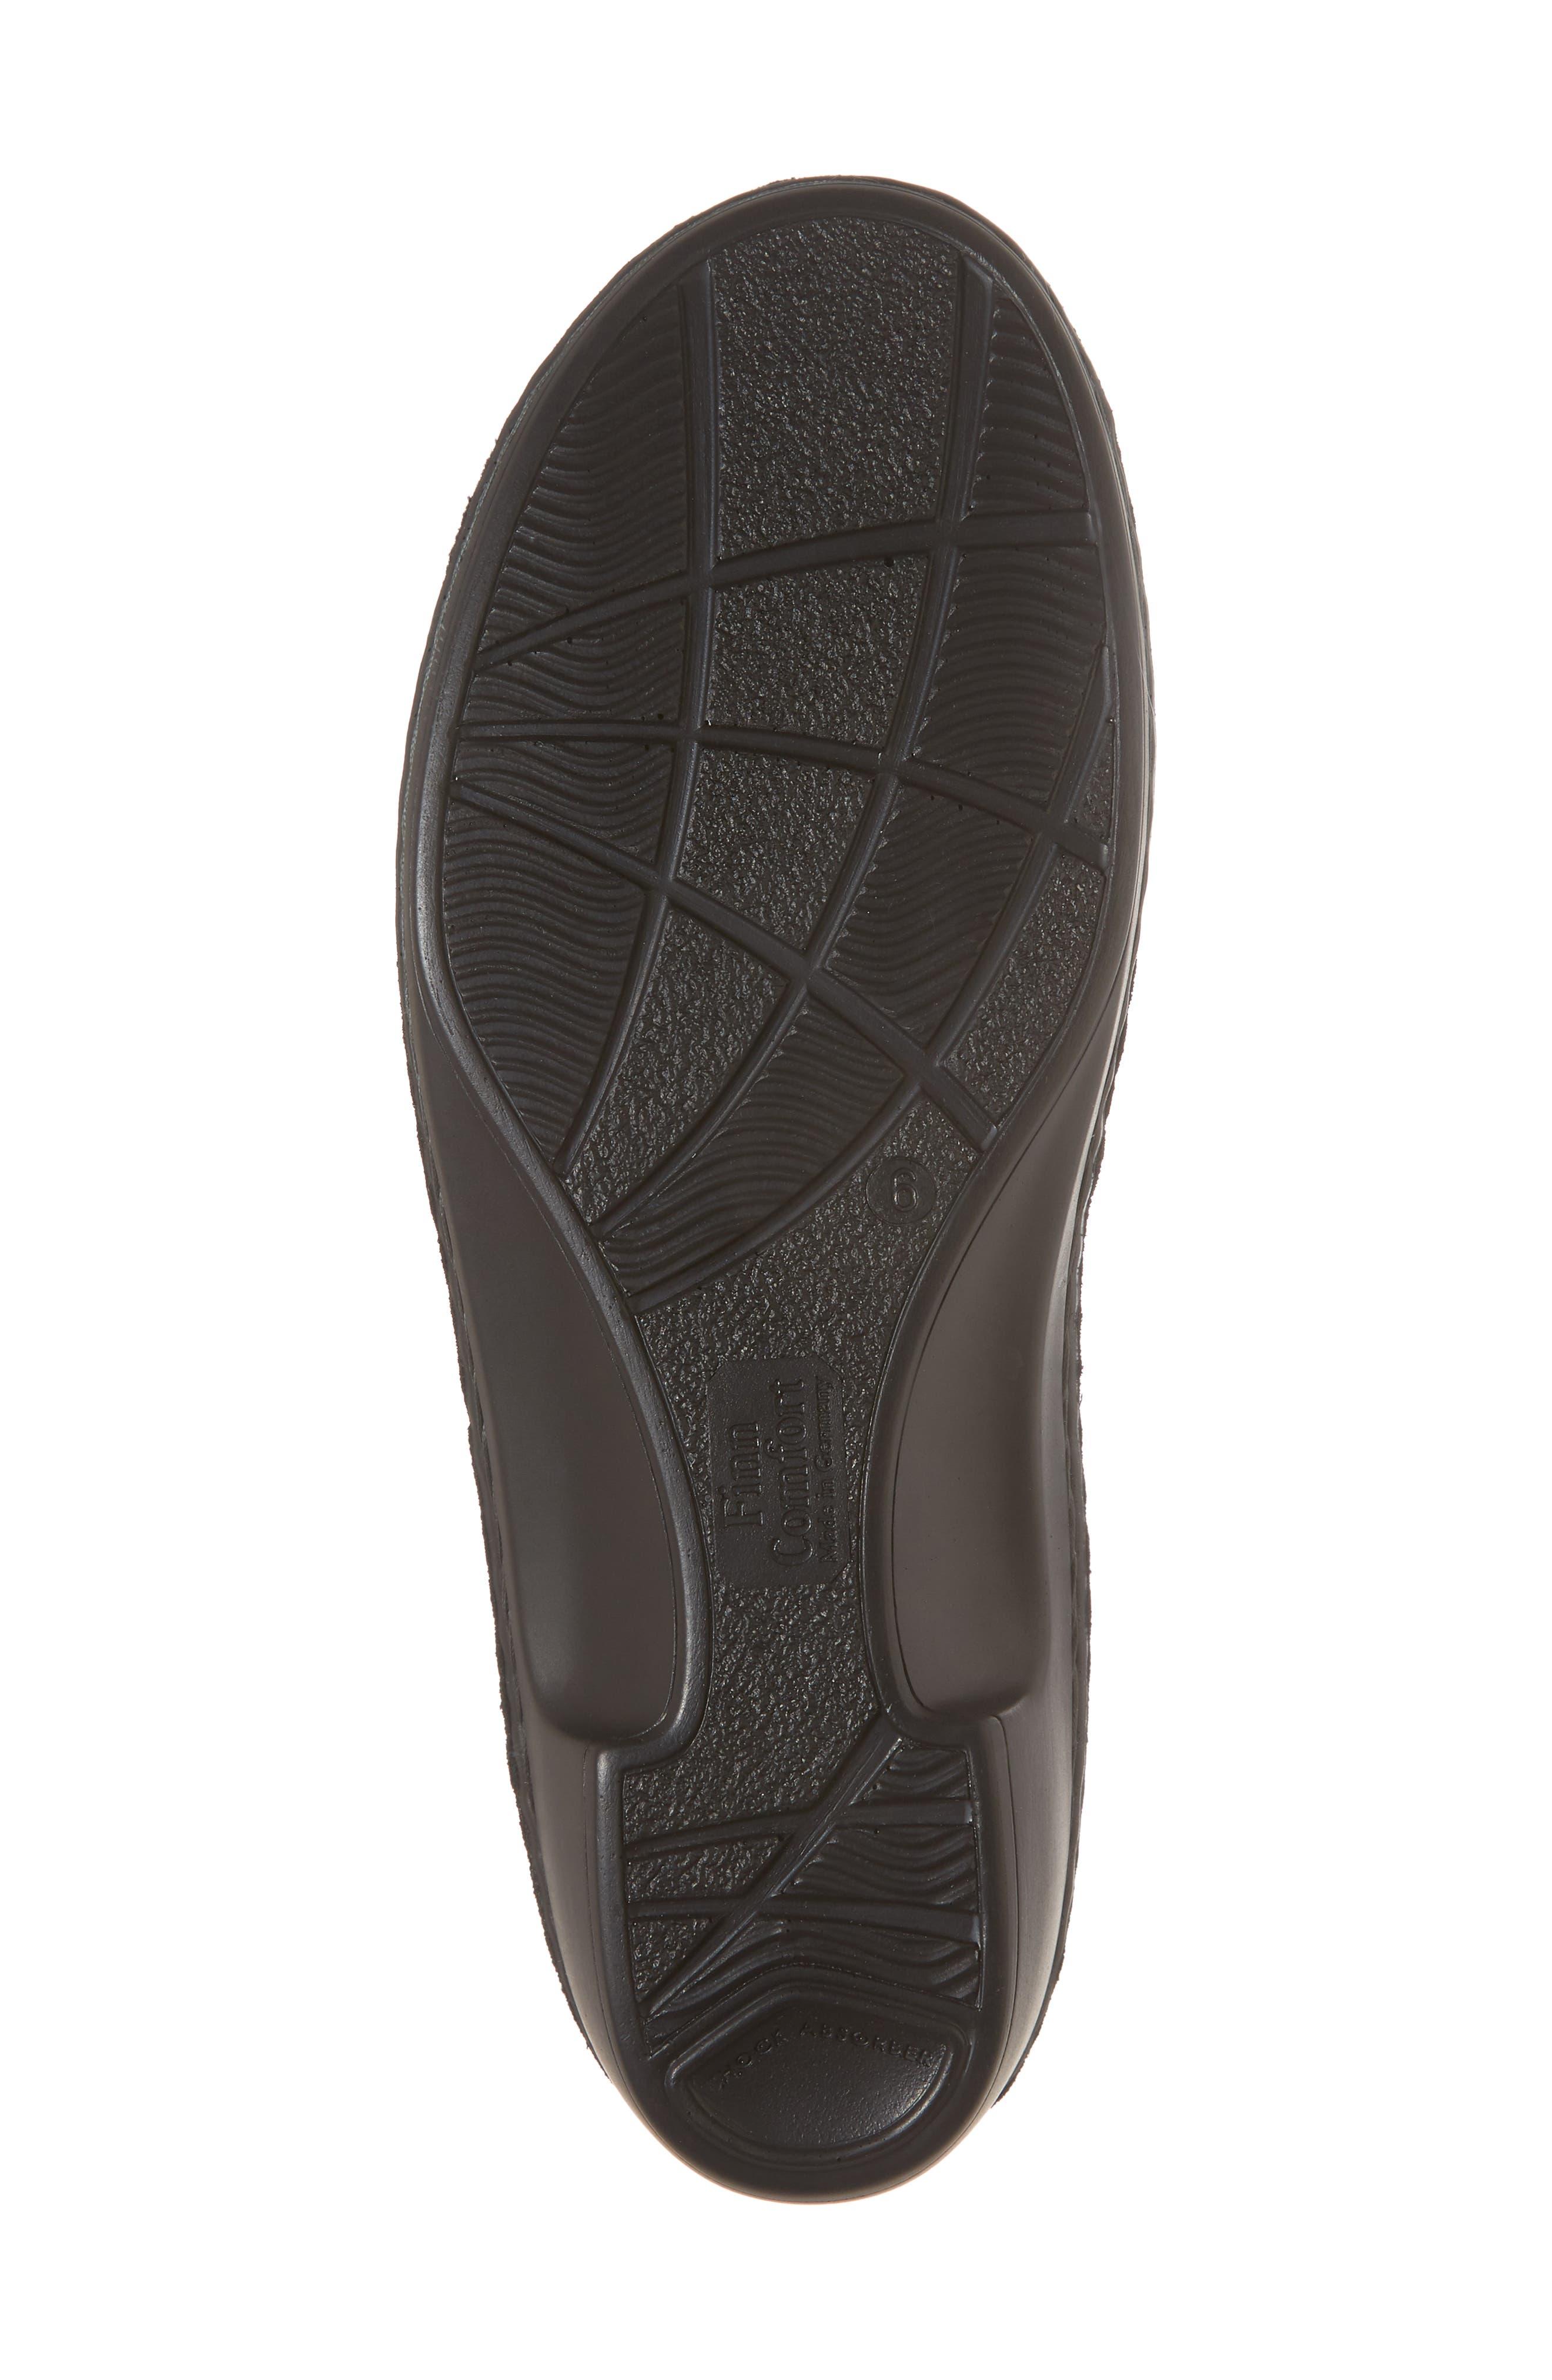 Buka Sandal,                             Alternate thumbnail 6, color,                             BLACK LEATHER